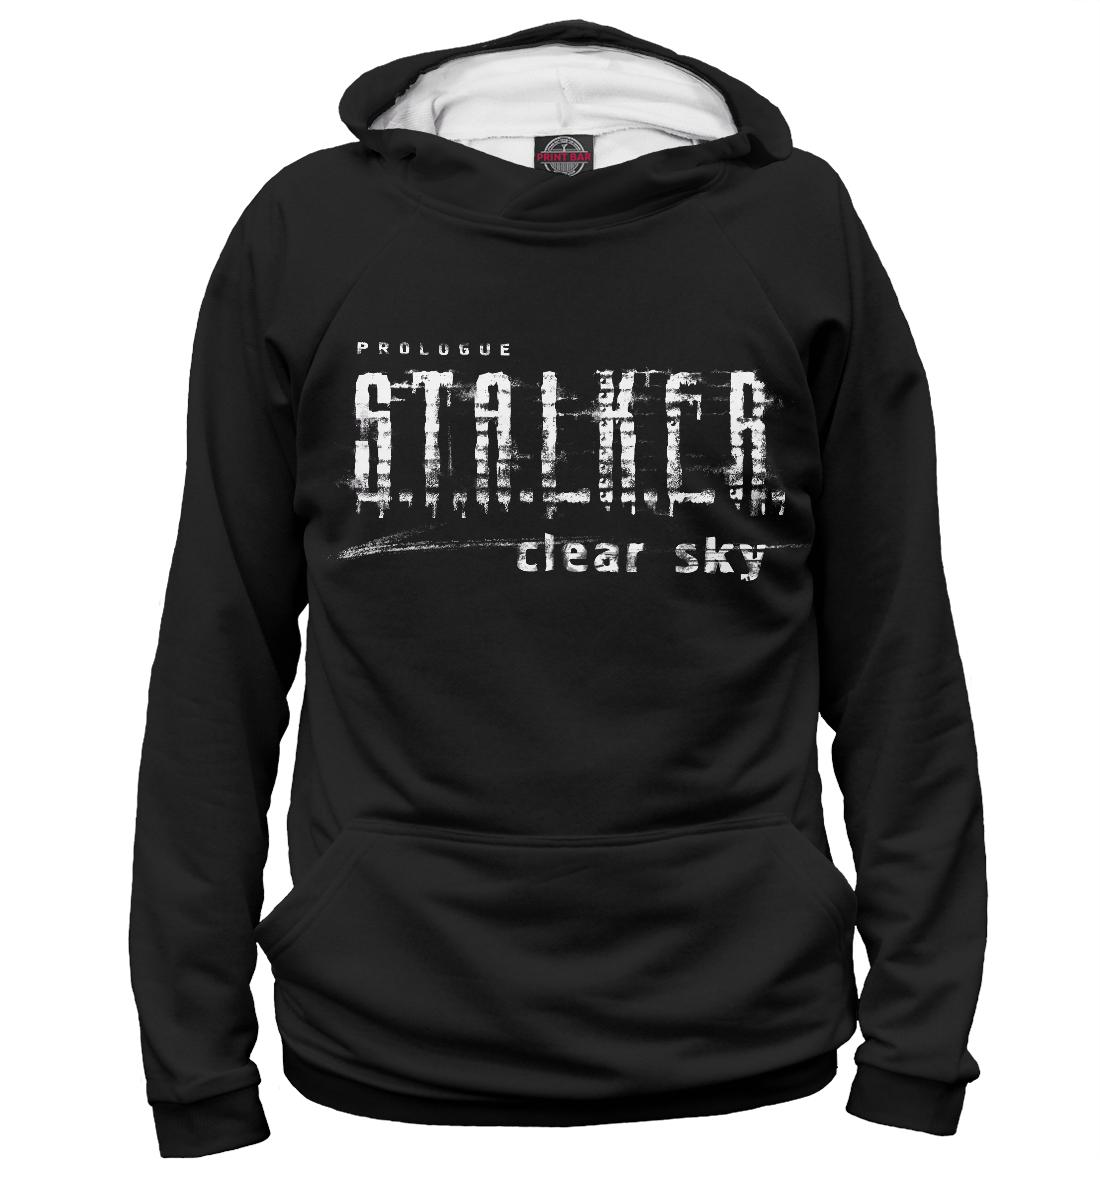 Купить Сталкер Чистое Небо, Printbar, Худи, STL-825113-hud-1